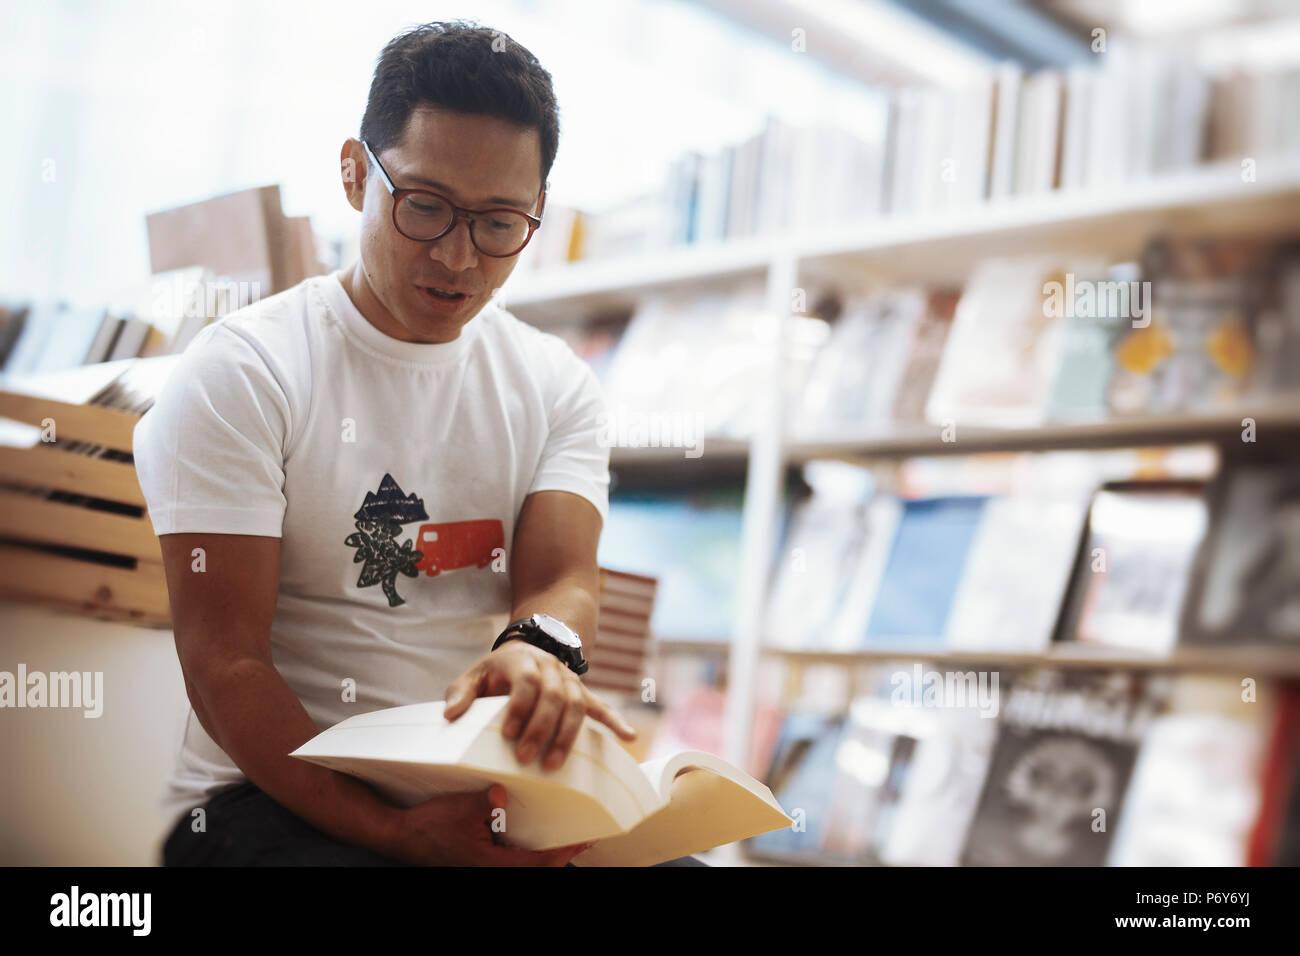 Jeune brunette à lunettes homme assis à côté de rayons de livres et de l'ouverture d'un livre. Banque D'Images